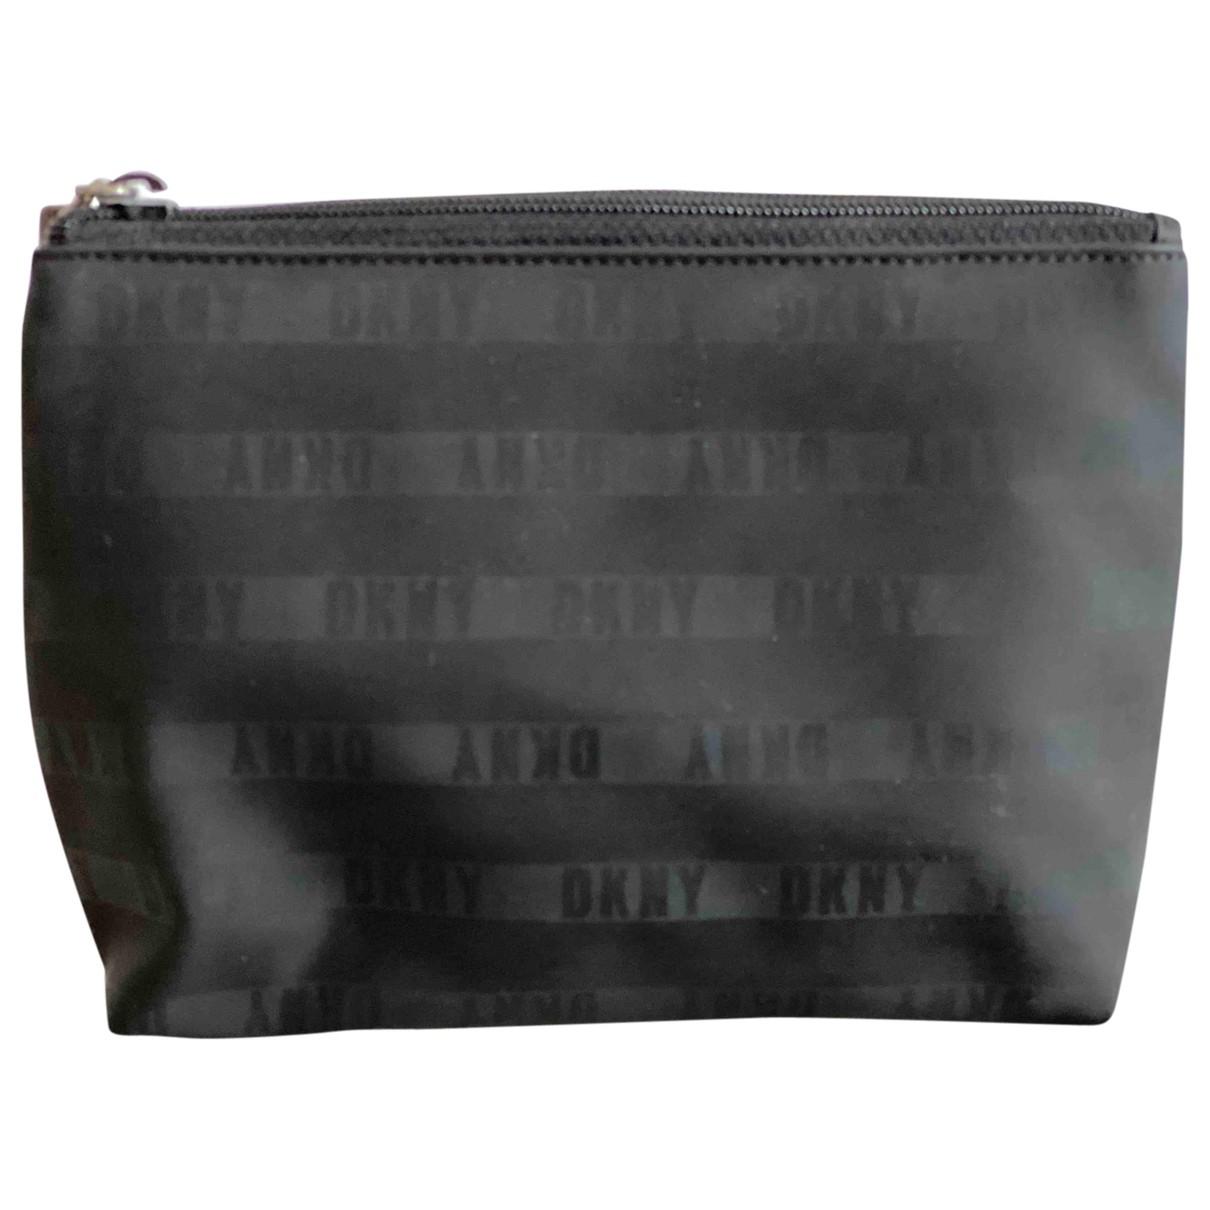 Dkny \N Clutch in  Schwarz Polyester